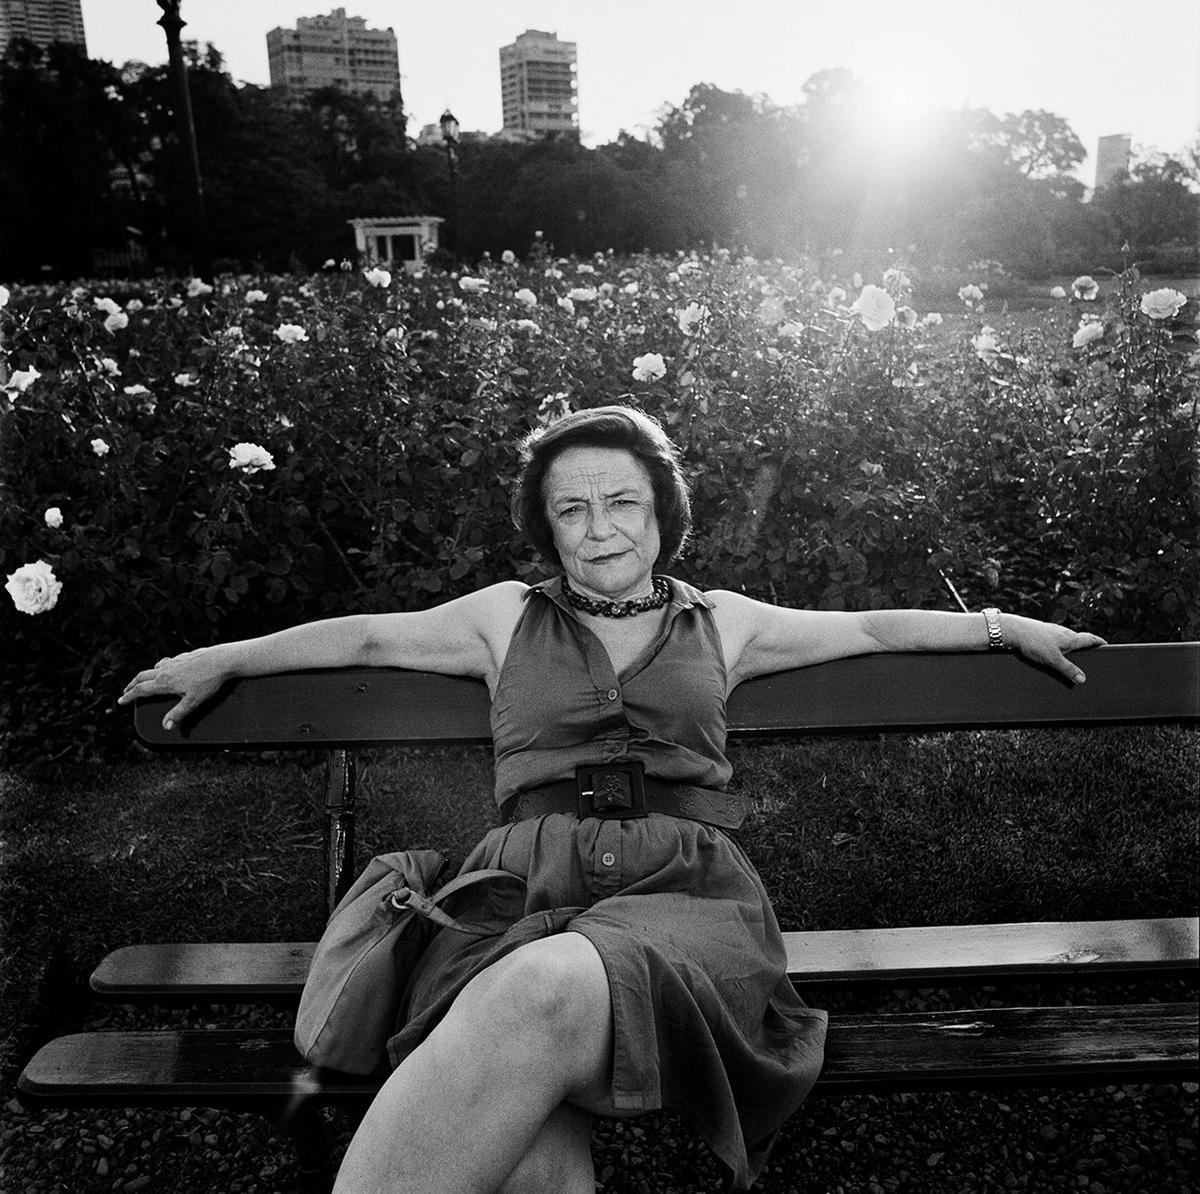 Из серии «Портреты». Мирта Клара, бывшая аргентинская политзаключённая, их задержали вместе с мужем в ноябре 1975 года за участие в политической группе Montoneros. Мирта живёт в Буэнос-Айресе, работает правозащитником и психологом.